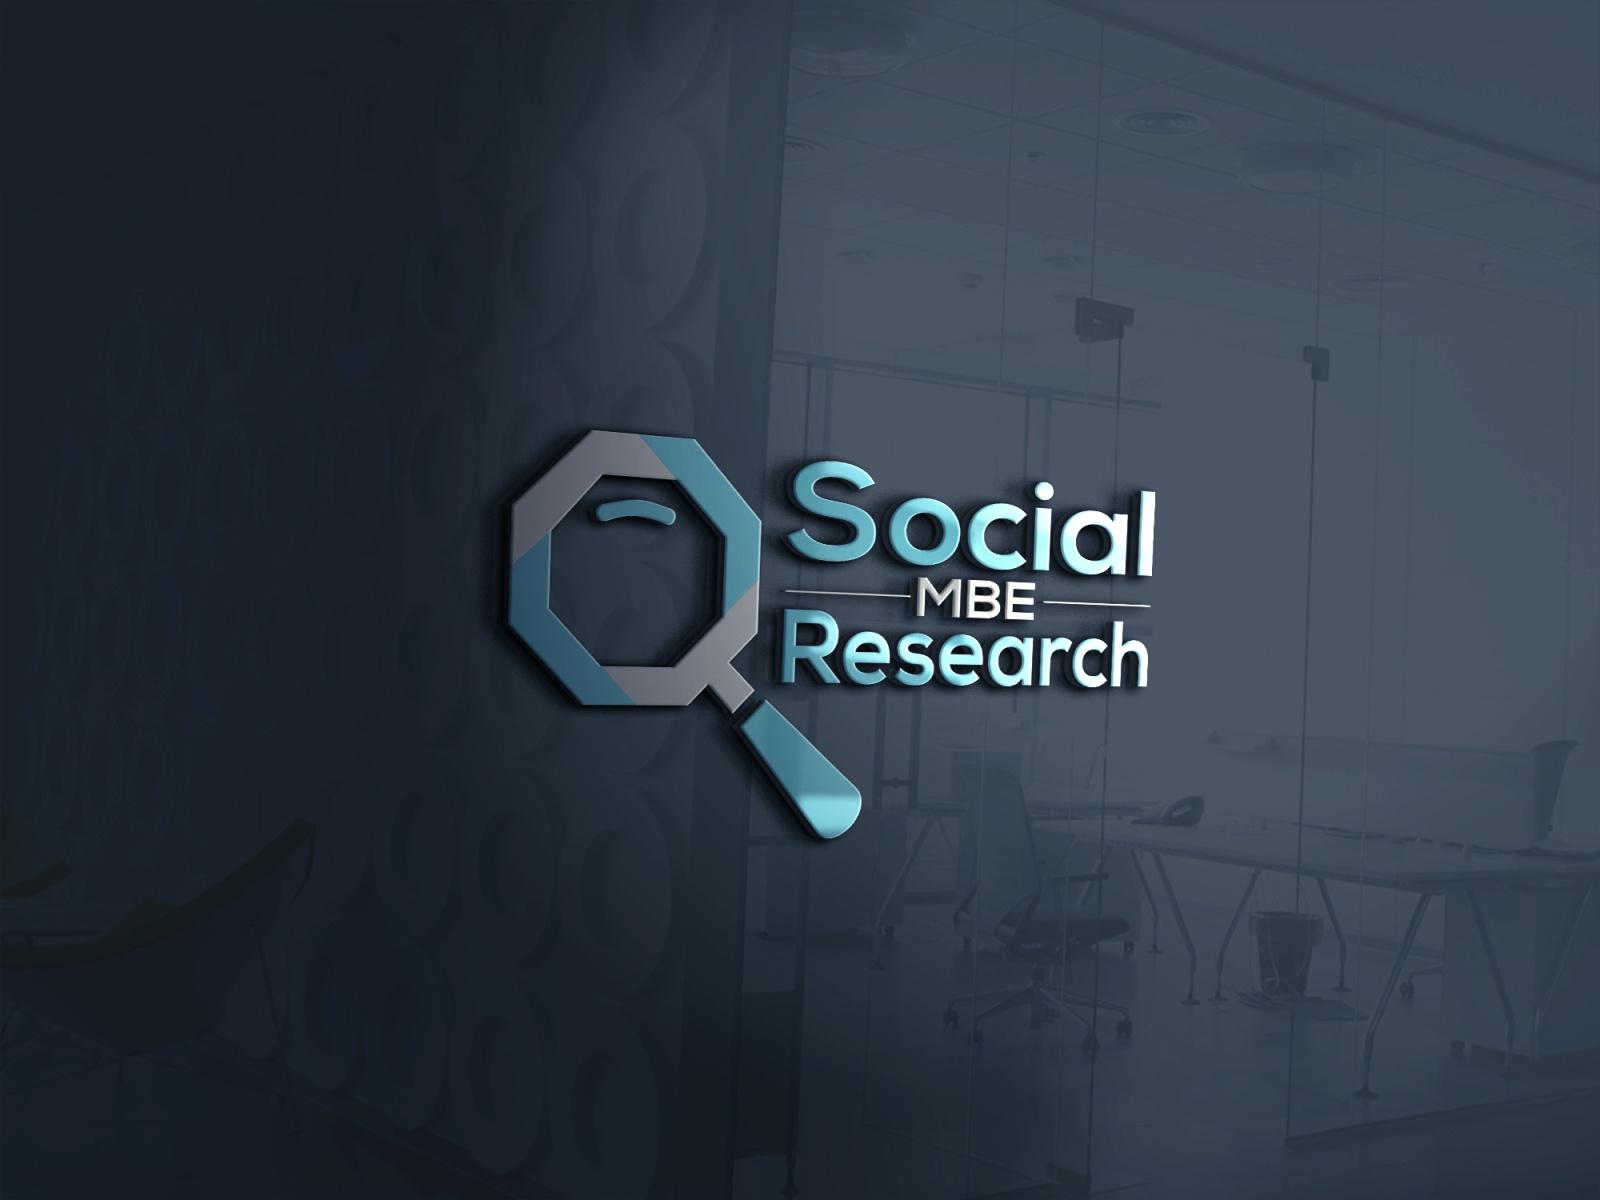 Social MBE Research Logo by Rakibul hasan on Dribbble.